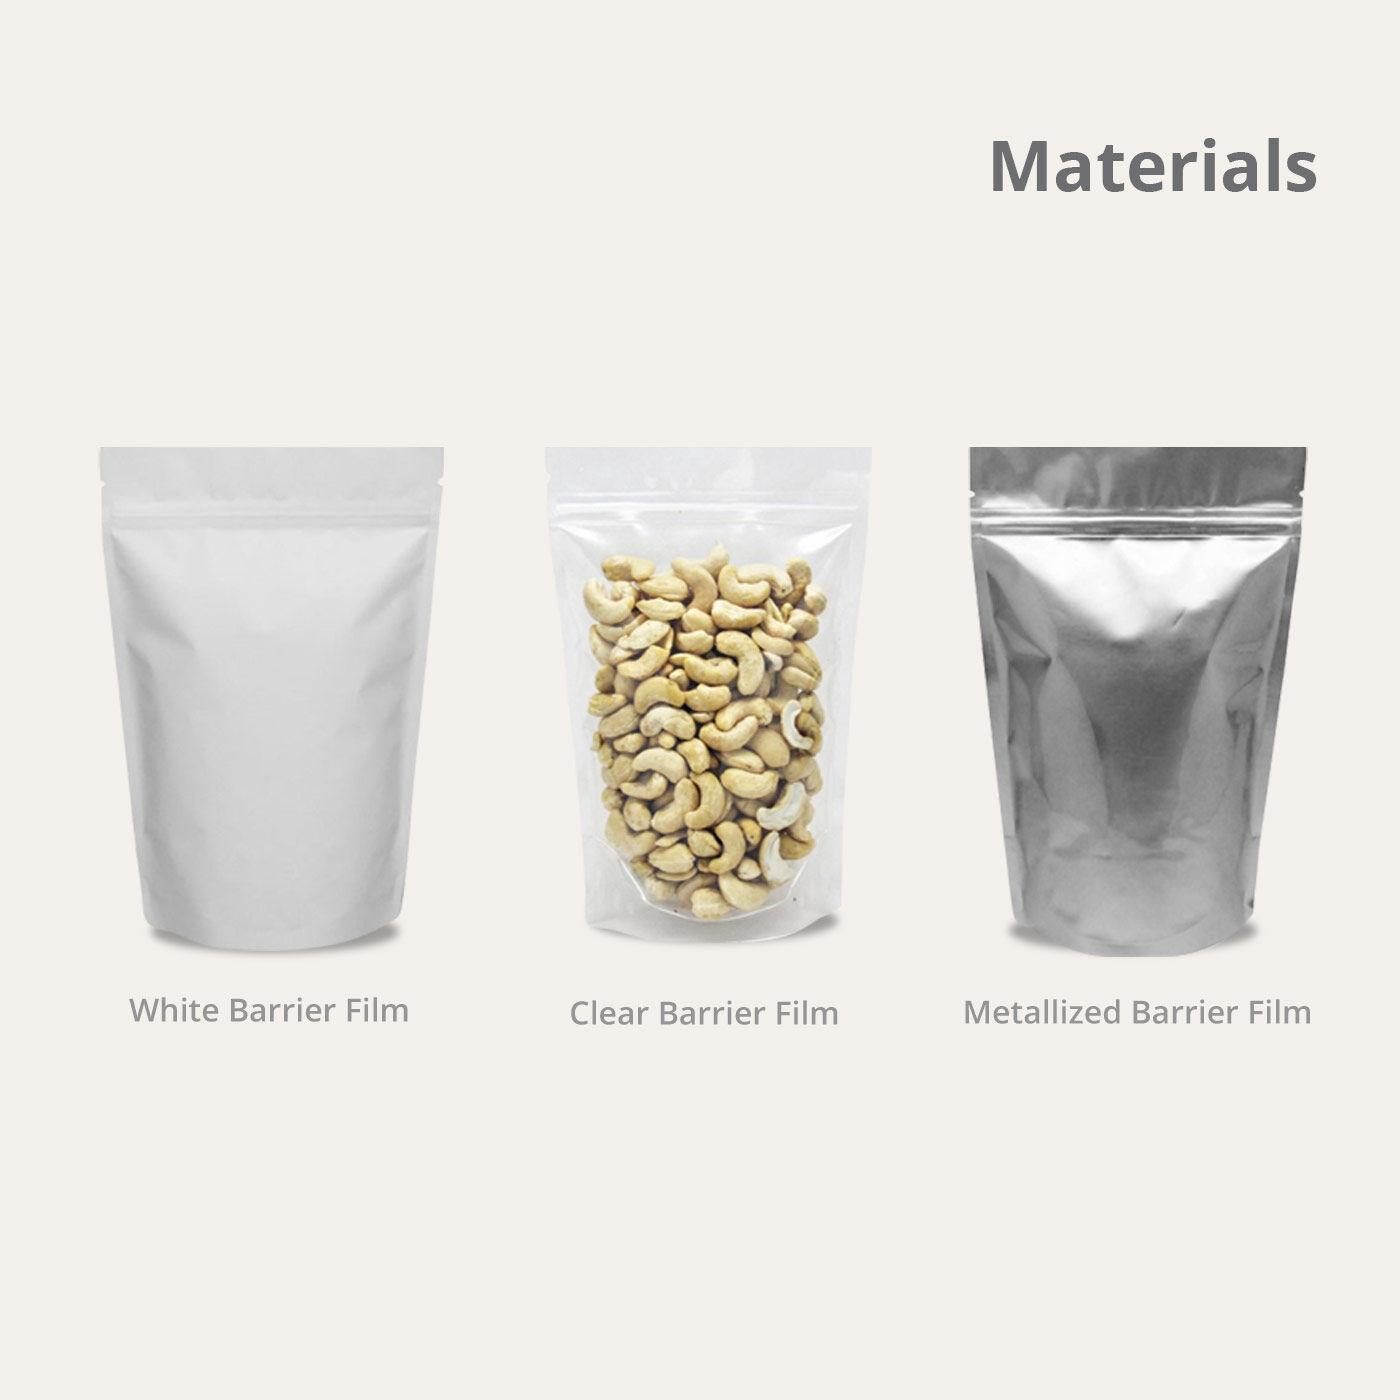 standup pouch materials